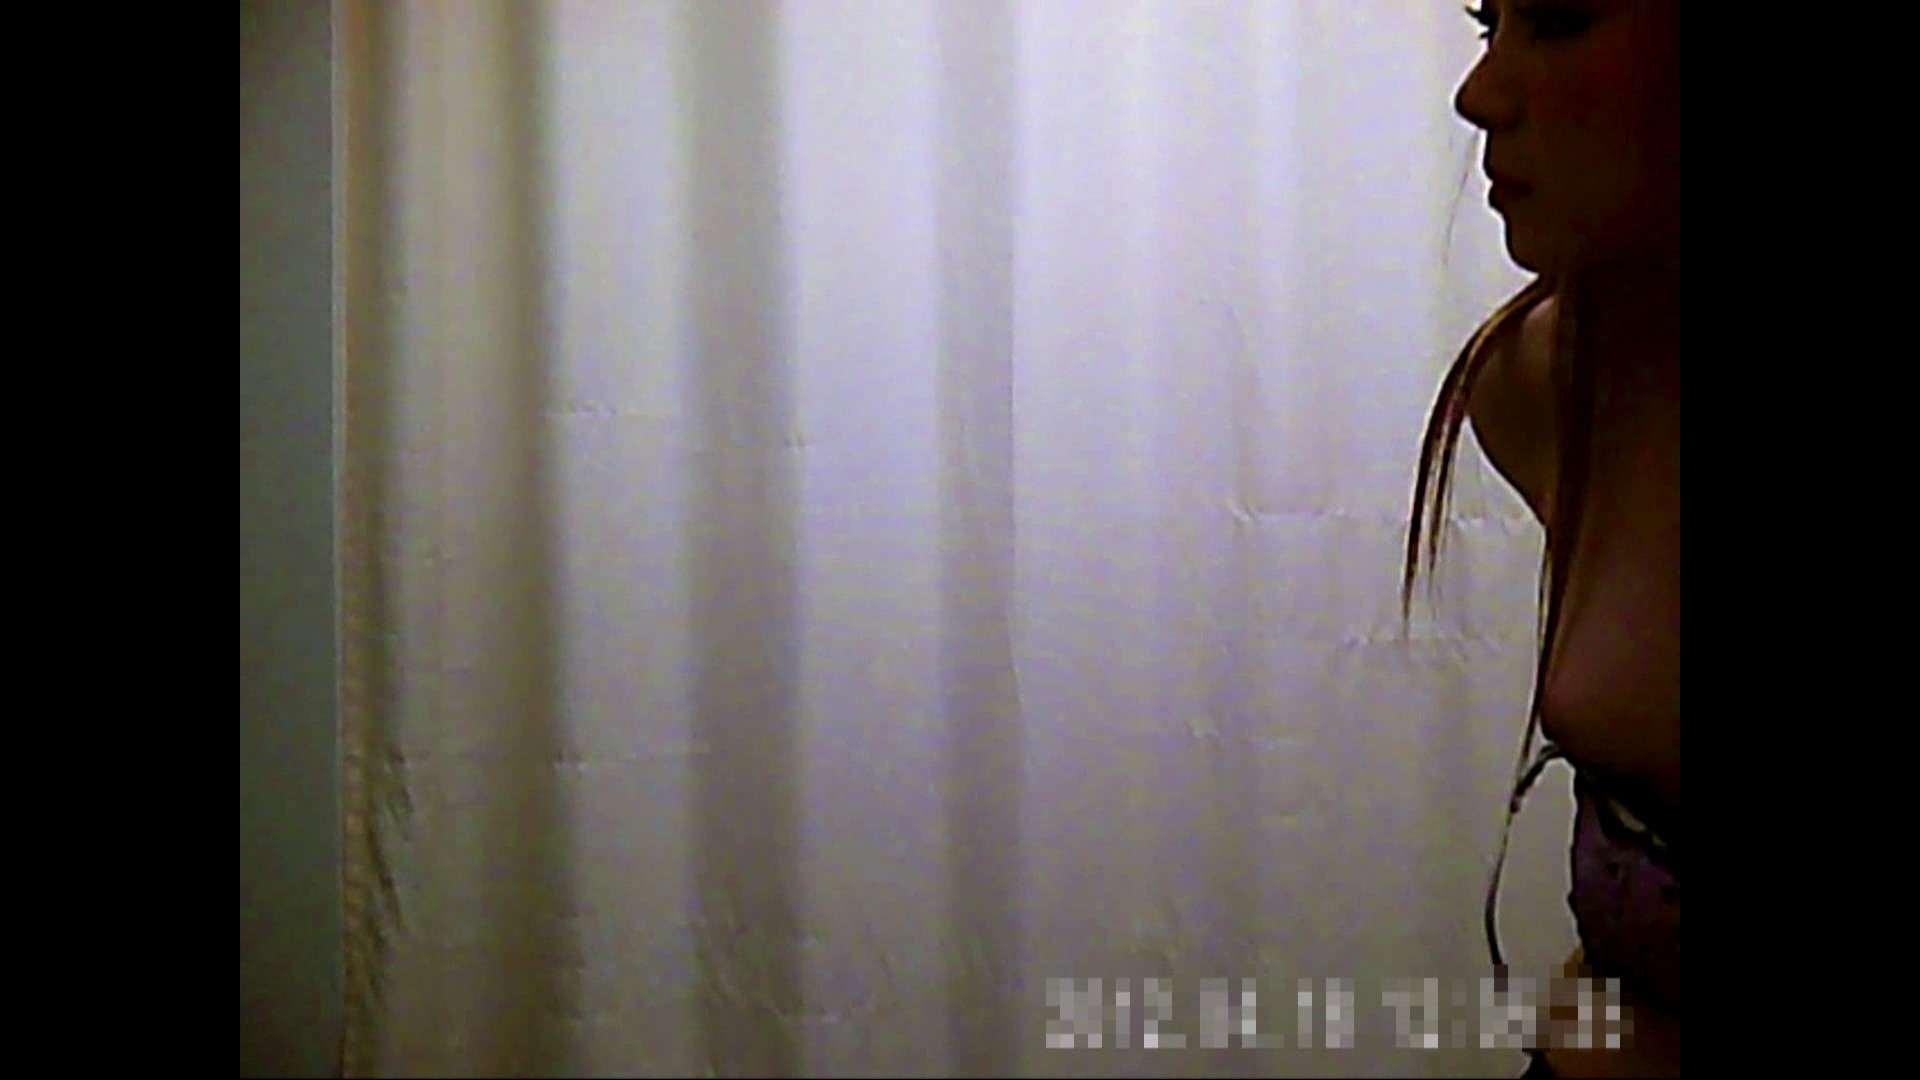 元医者による反抗 更衣室地獄絵巻 vol.015 OLの実態 | 0  90pic 61